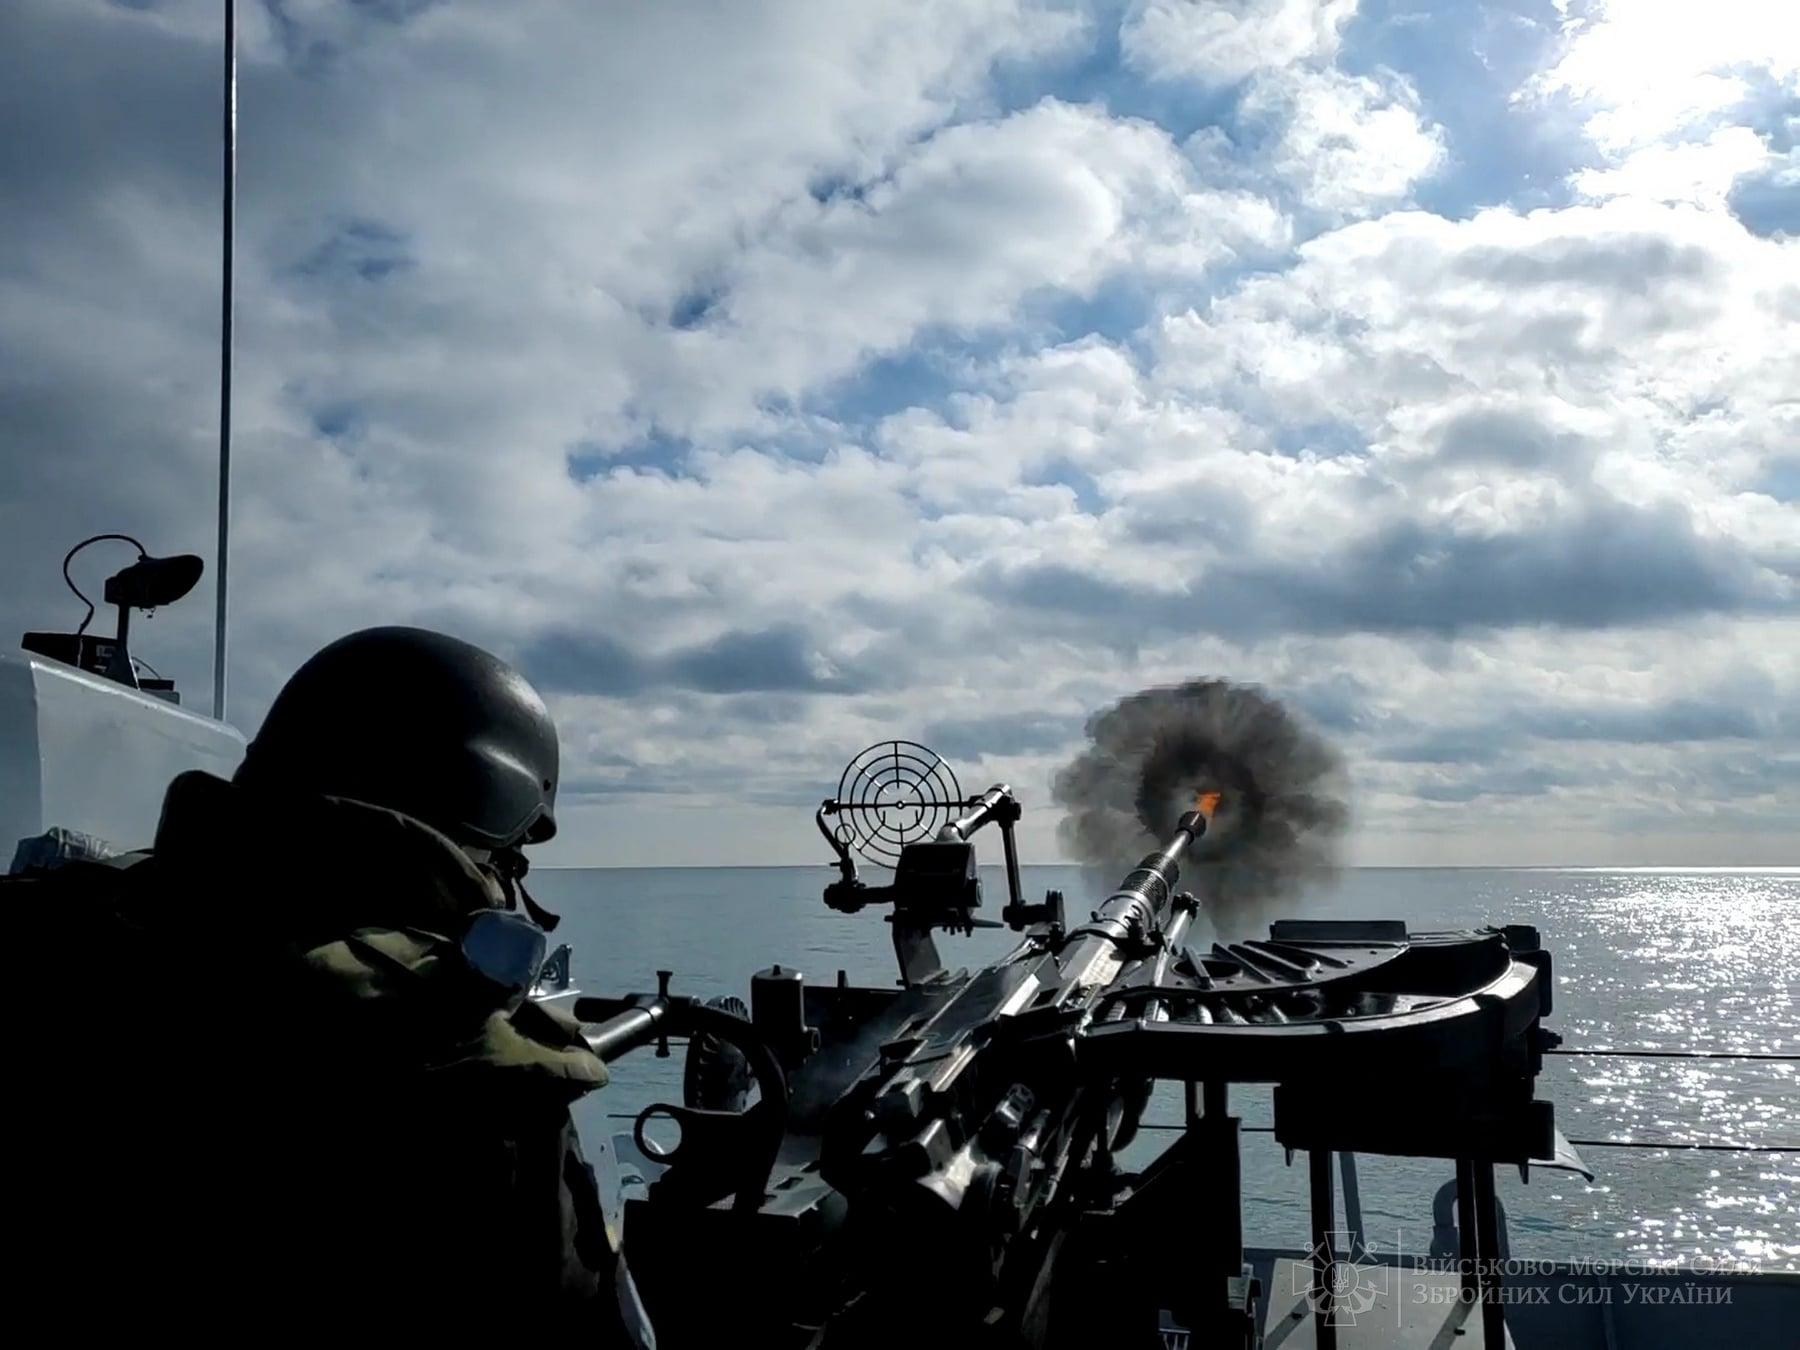 """Моряки """"Славянска"""" провели учения с метанием гранат и артиллерийскими стрельбами – фото"""